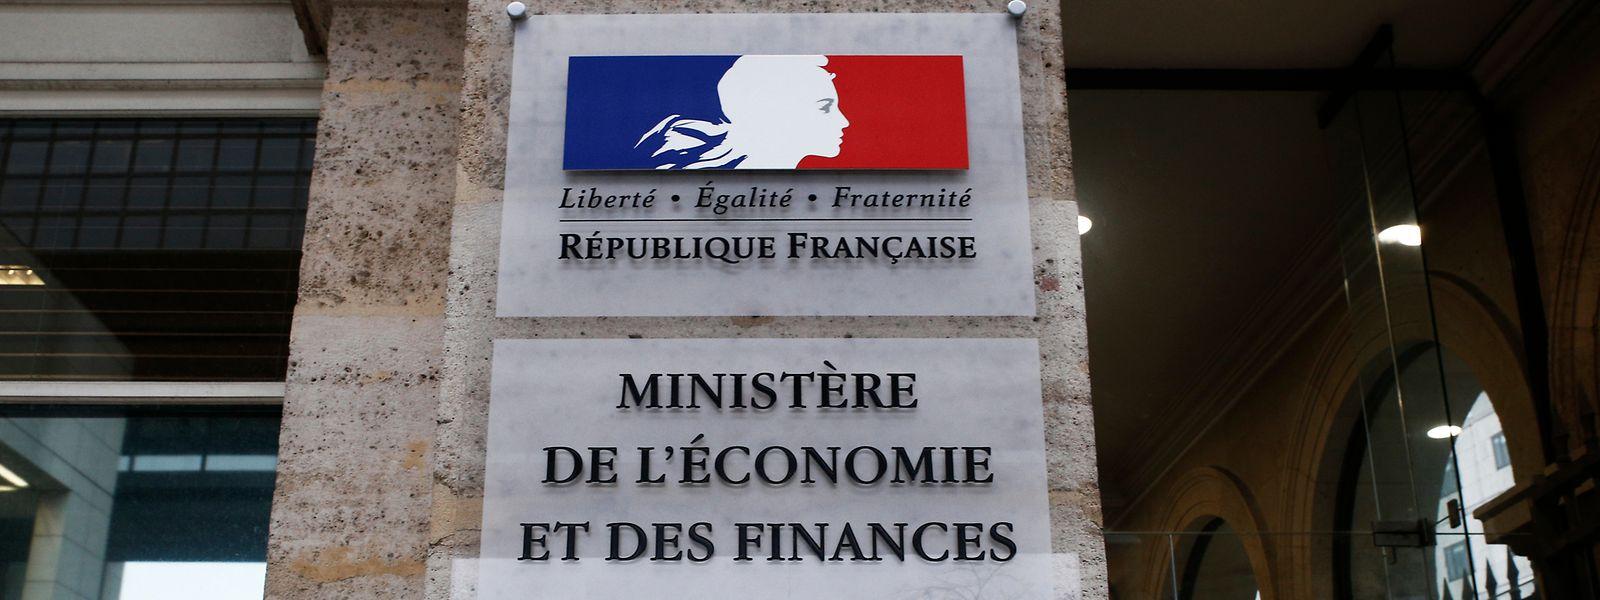 Pour cause de bug informatique, le ministère des finances forcé d'accorder deux jours supplémentaires pour la déclaration d'impôts en ligne.